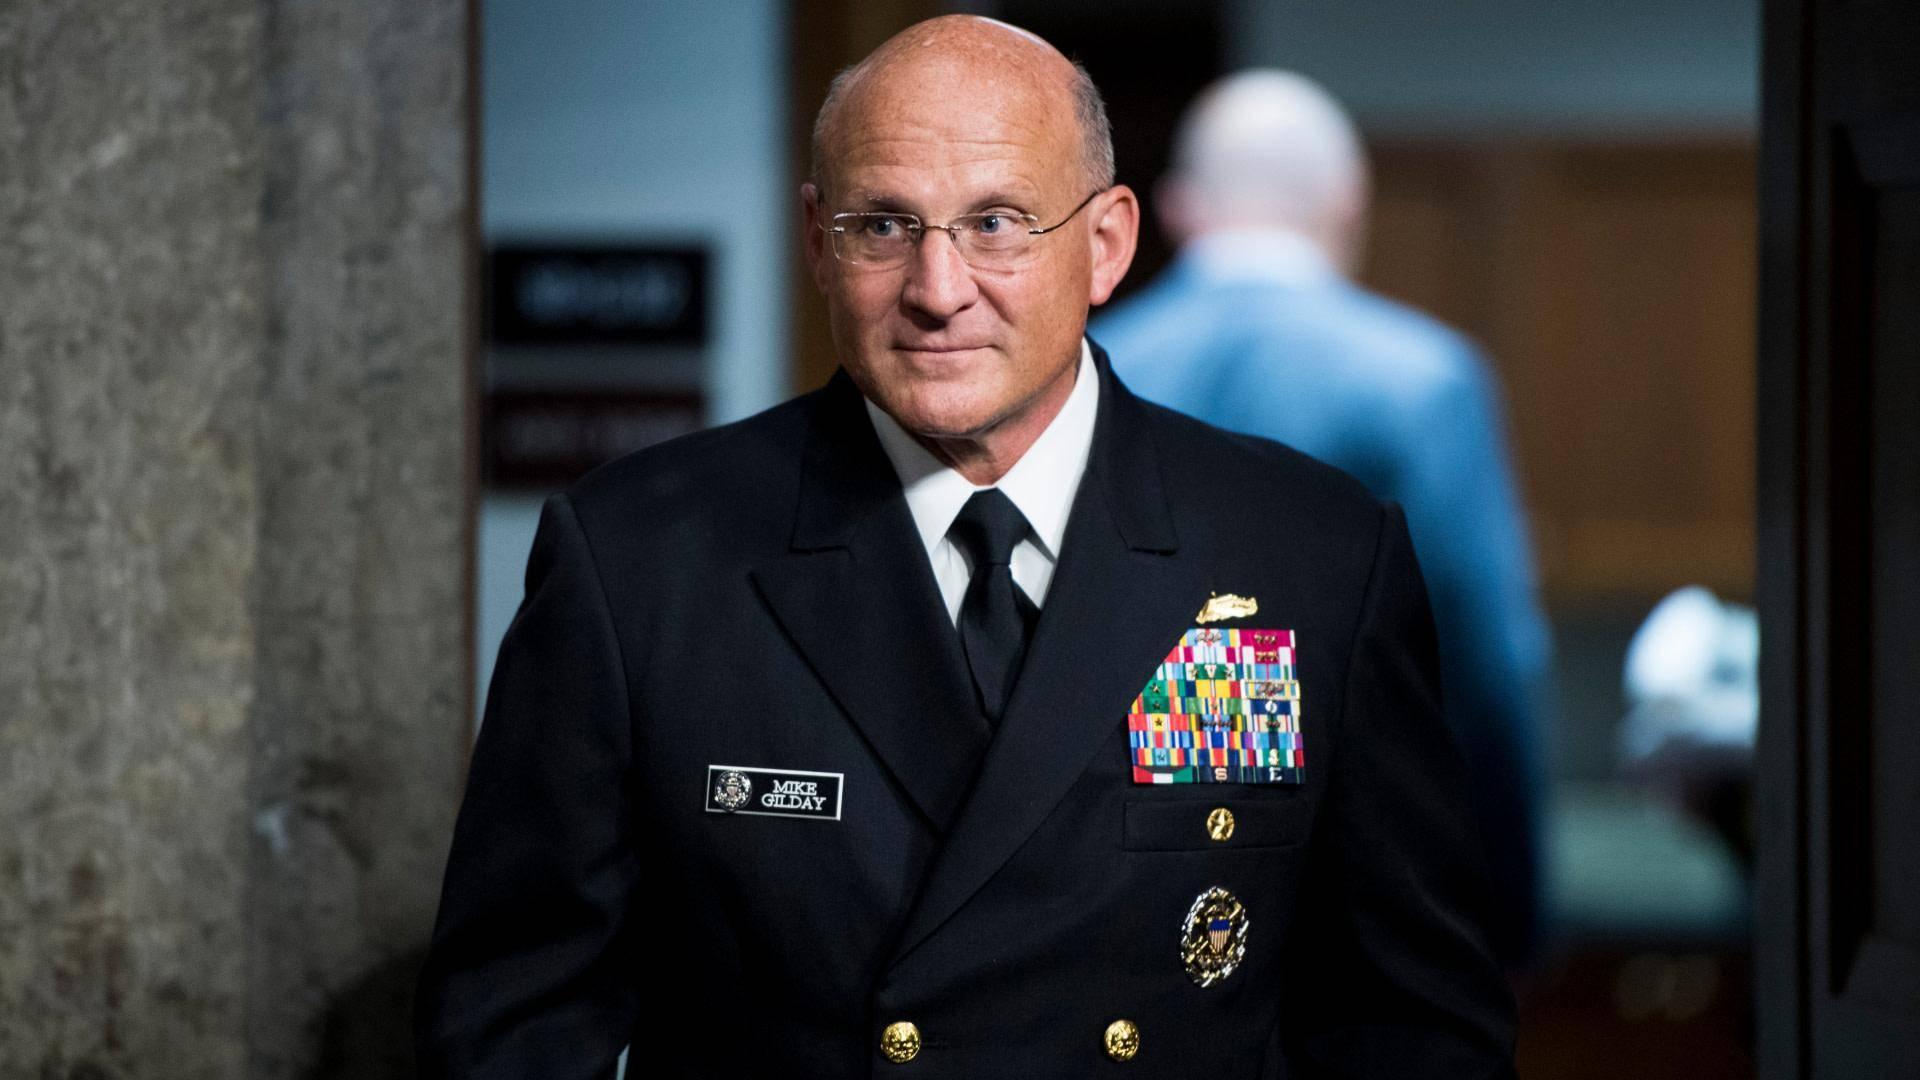 美海军作战部长回应国会议员对舰队计划的批评:欢迎讨论